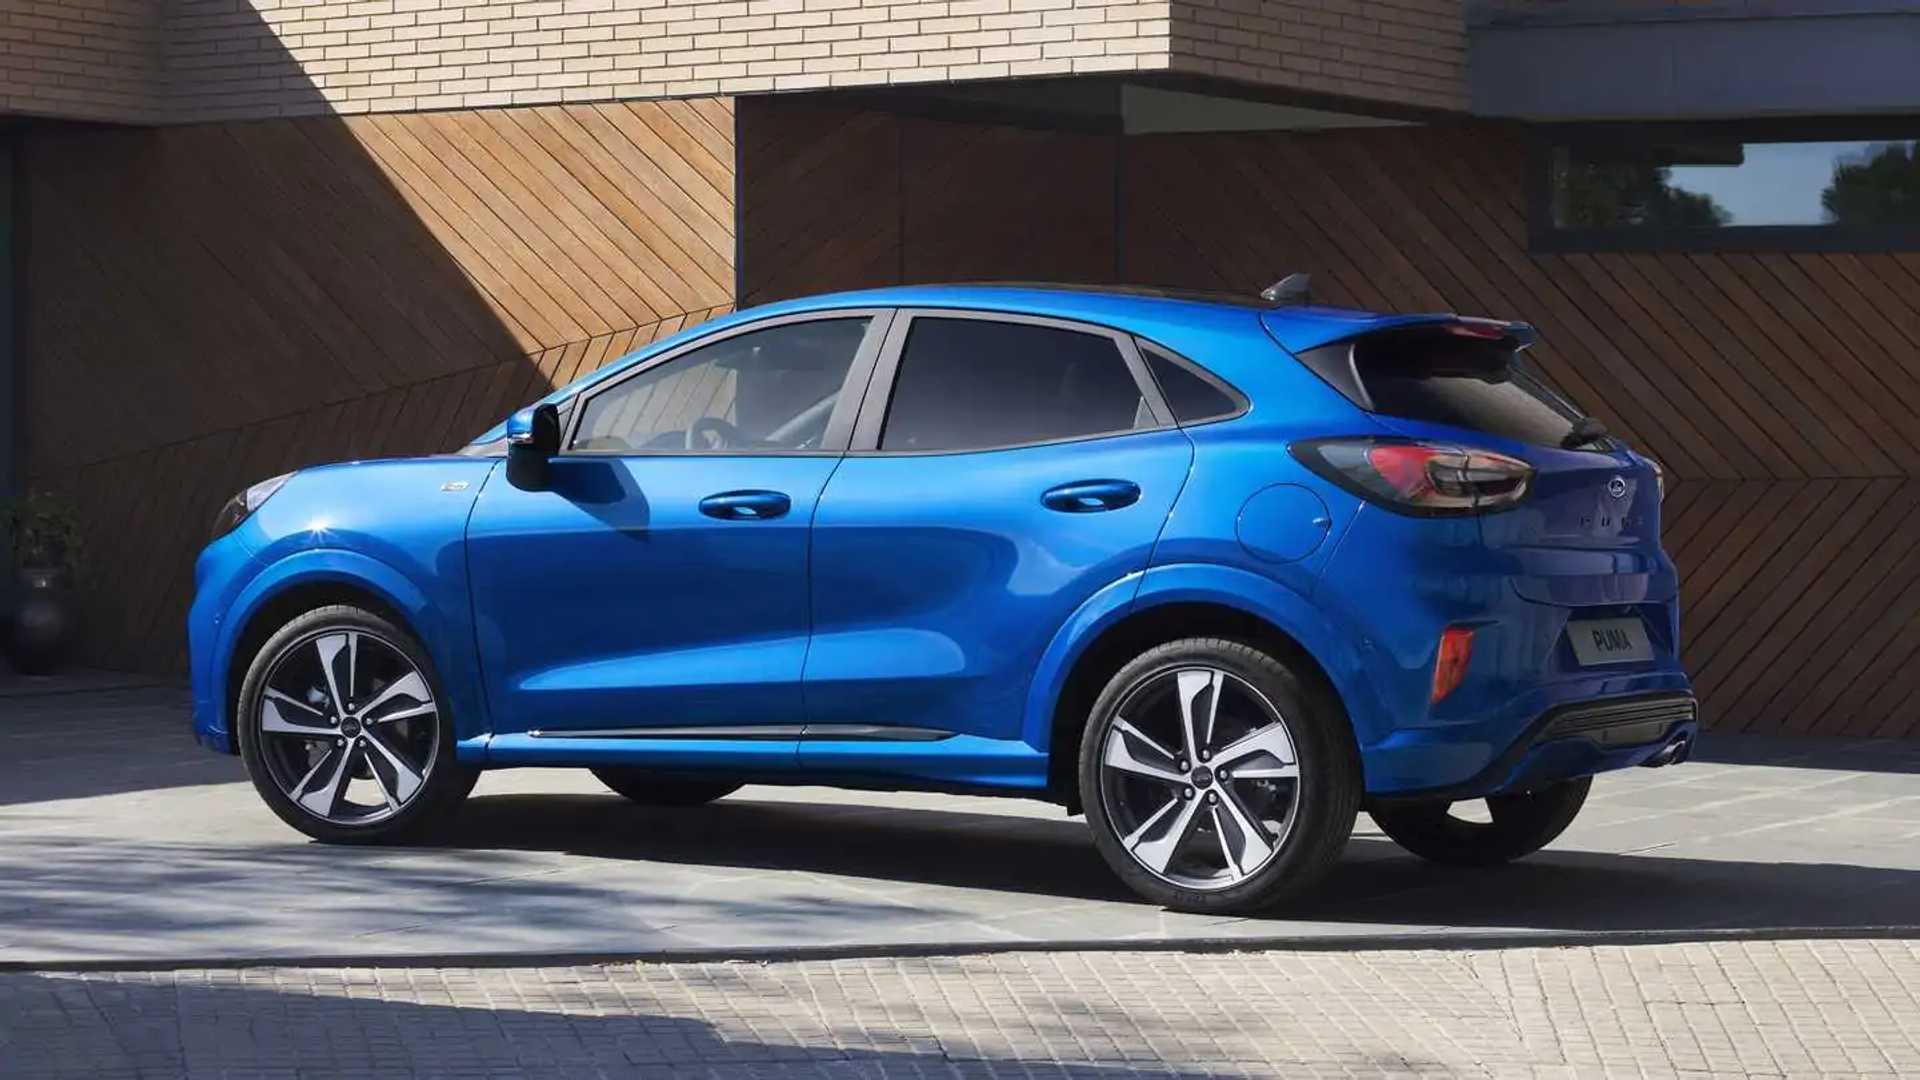 Penetrazione tutta la vita meccanico  Nuova Ford Puma, spazio alla versatilità